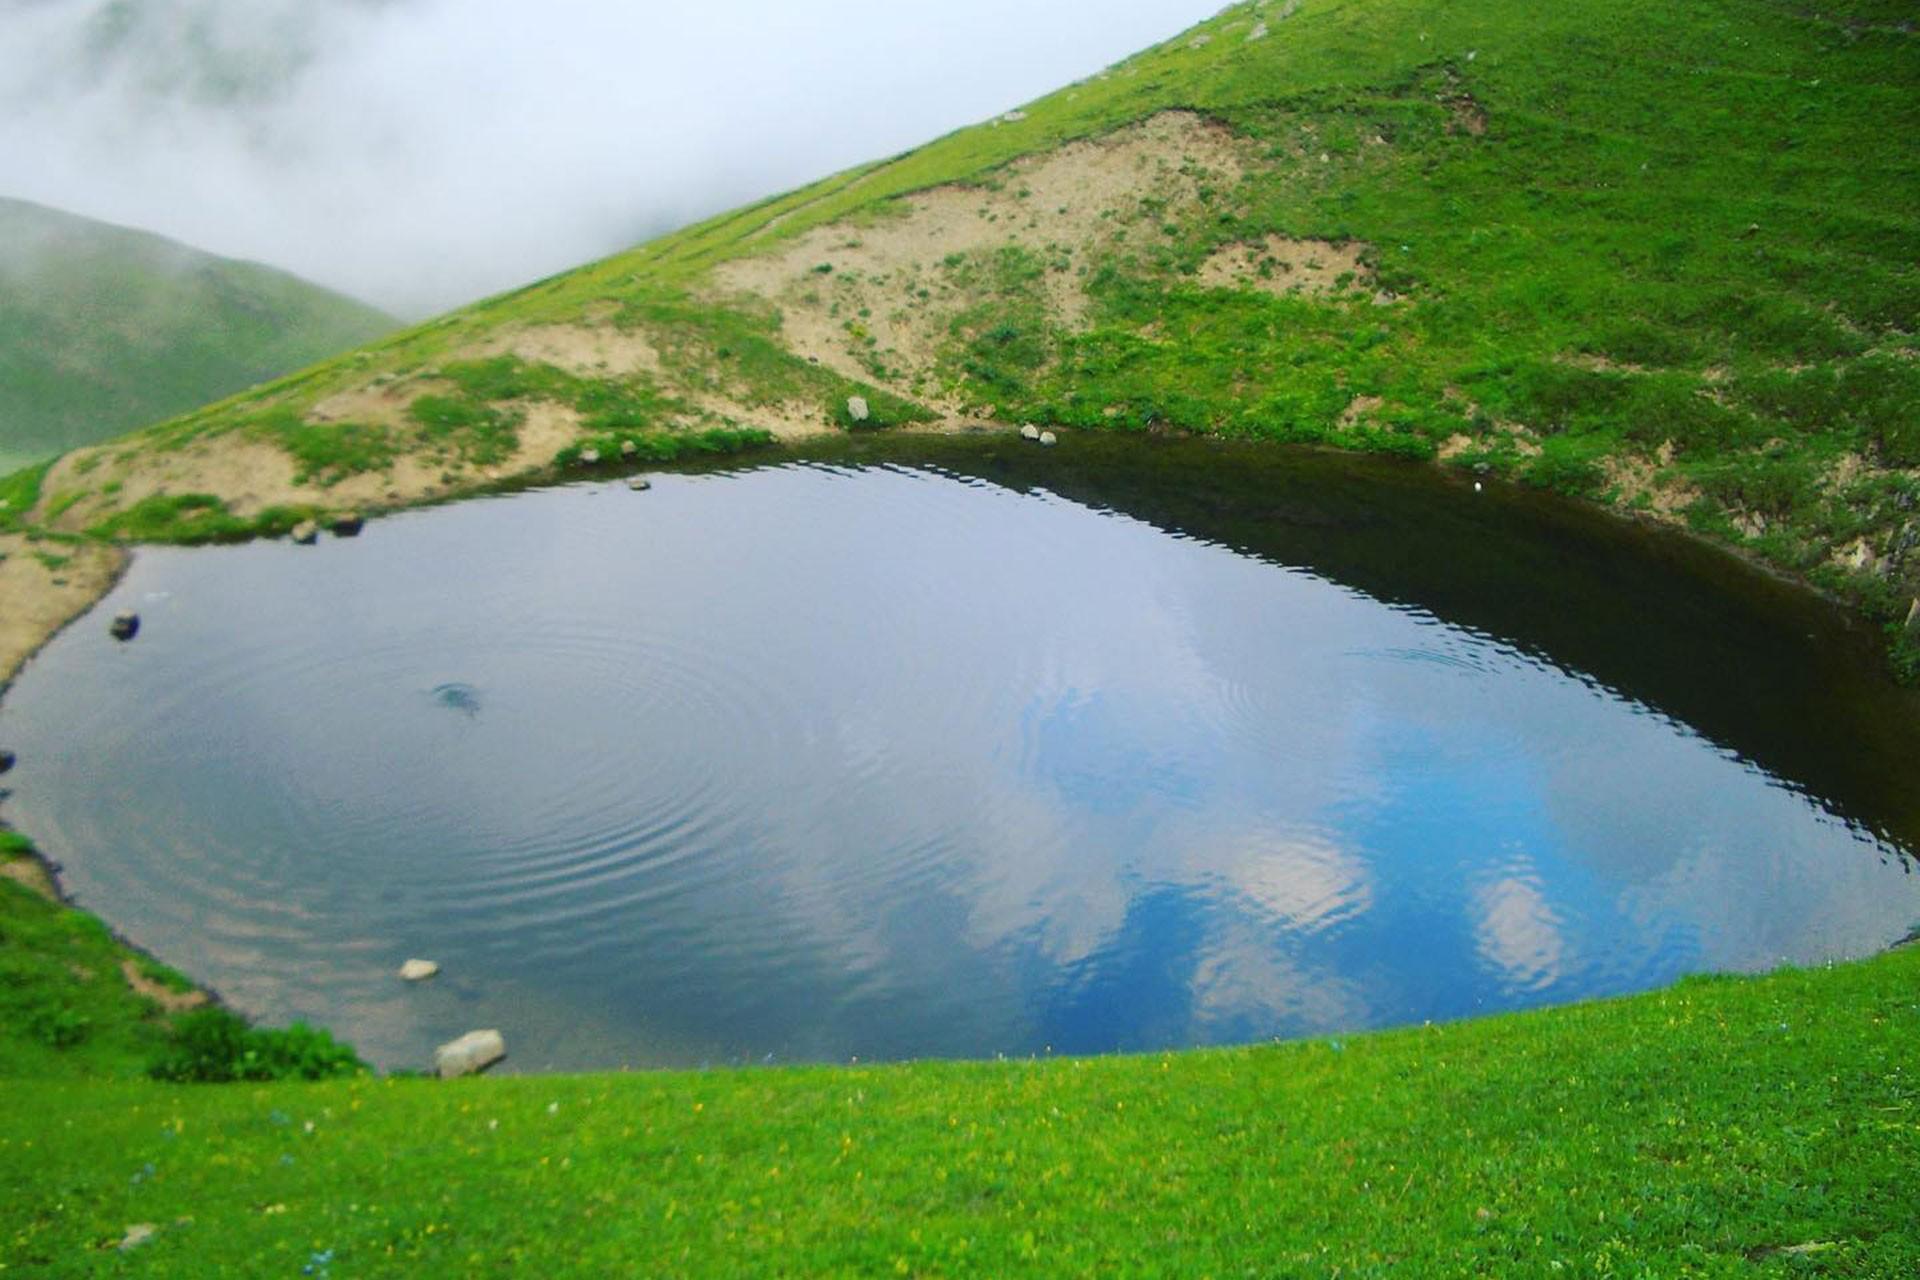 Dipsiz Göl'ün kazı öncesi hali